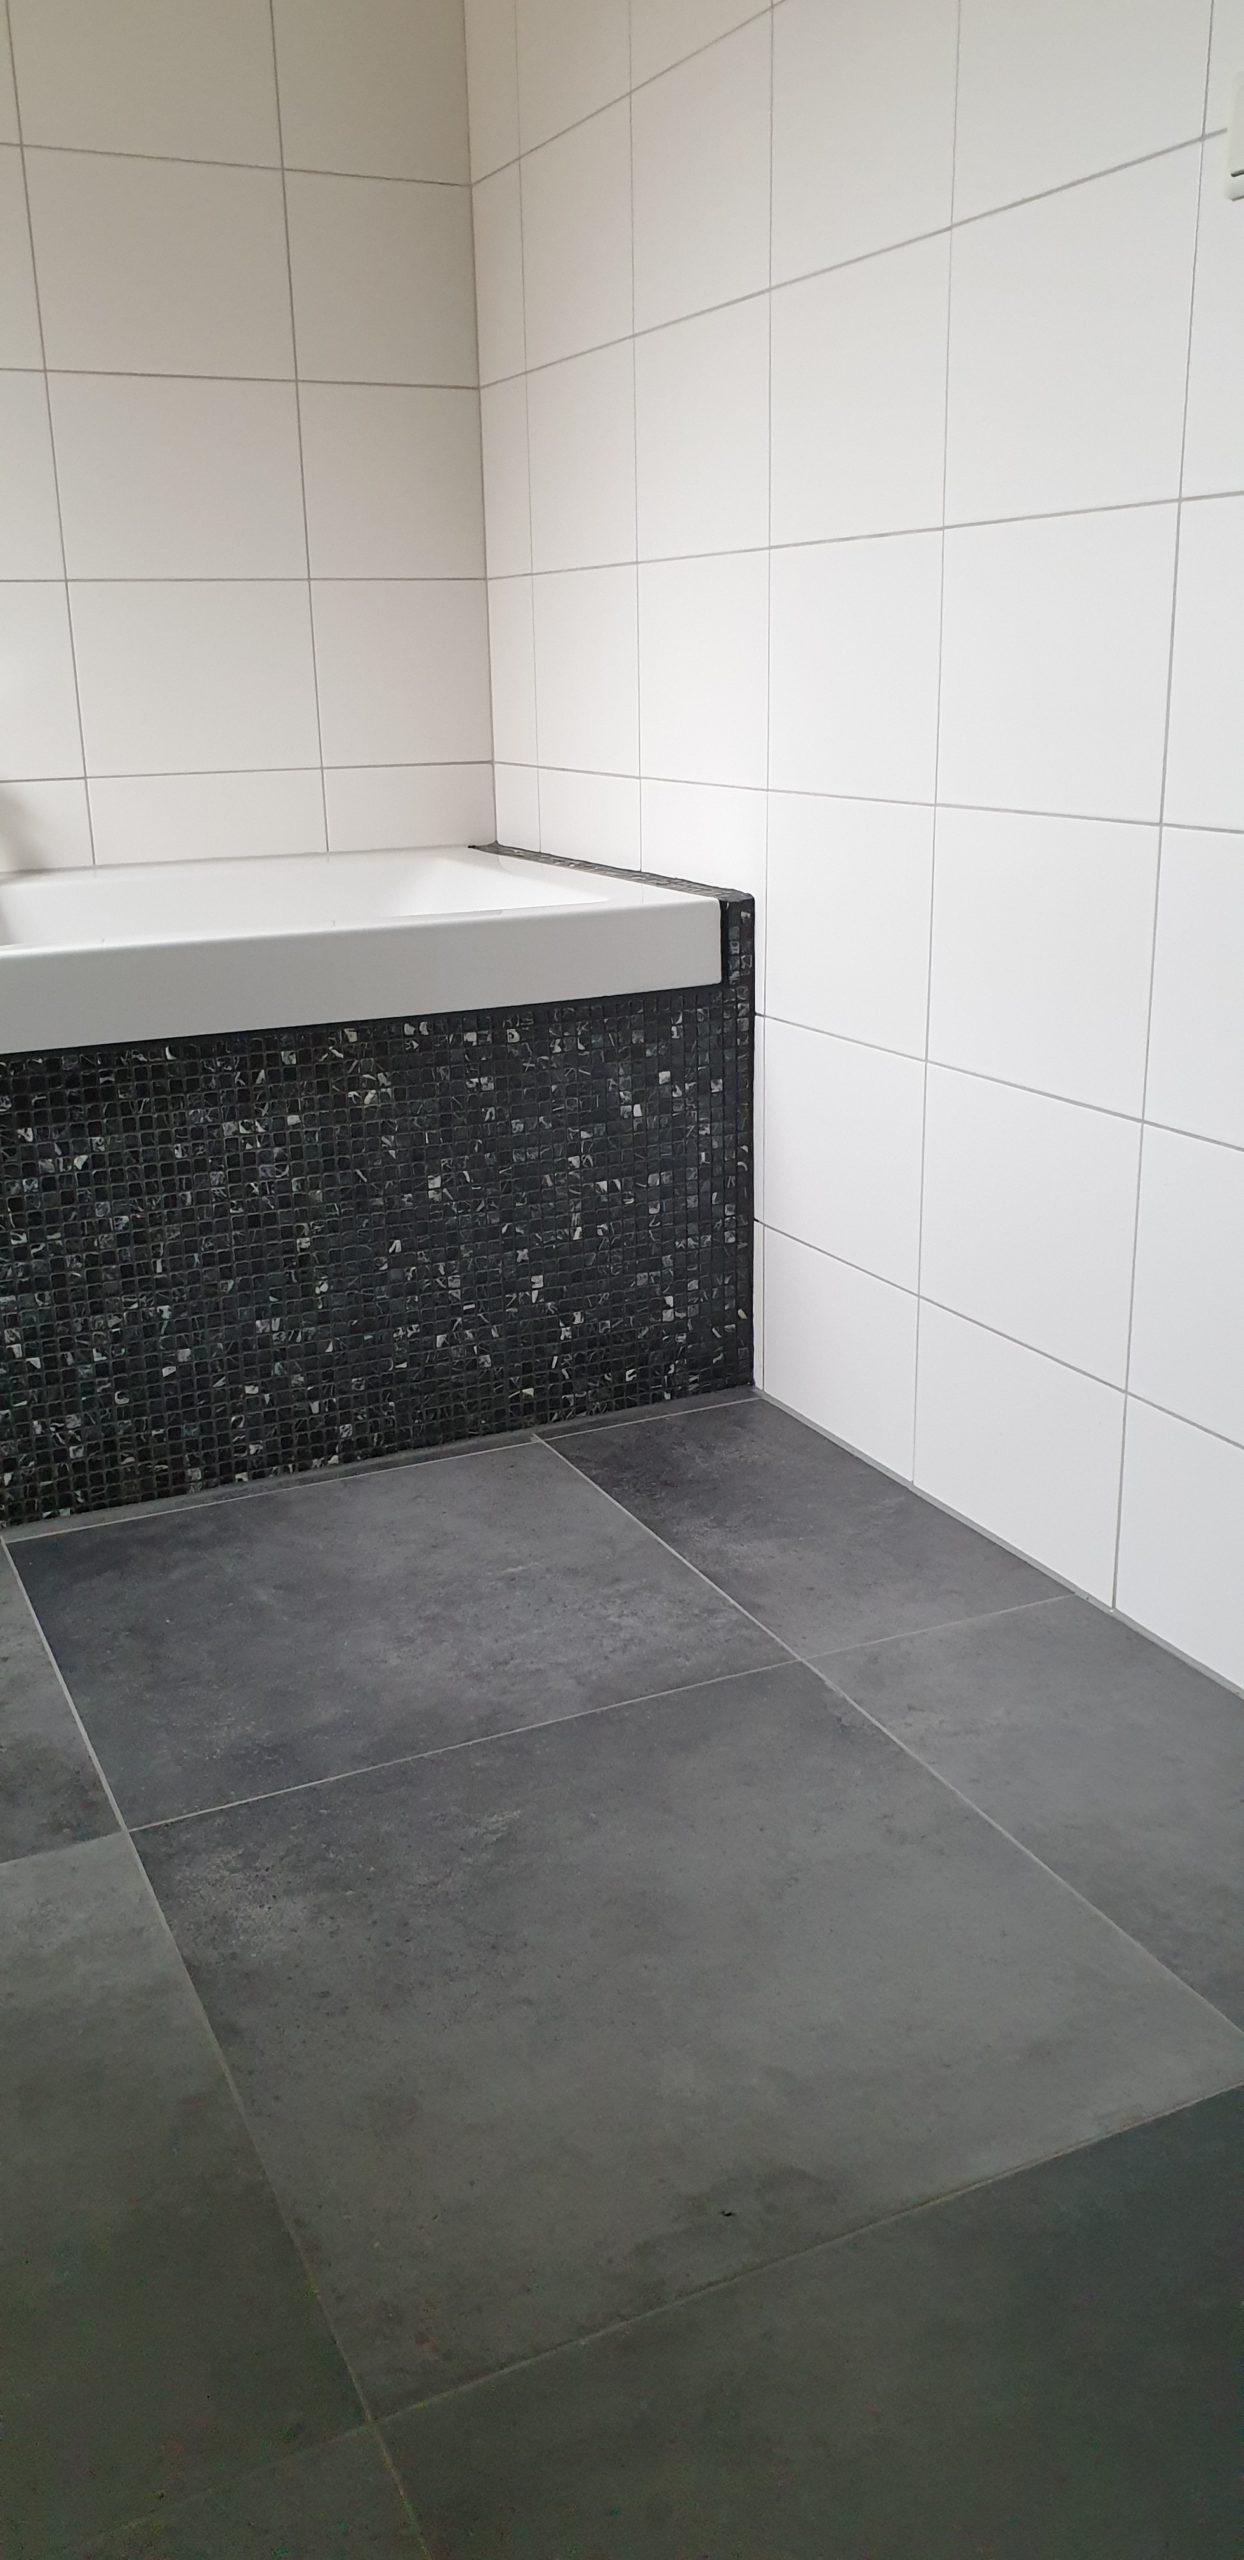 Vloertegel 60x60 Cm Betonlook Antraciet Dc90 Rb Tegels Tiel